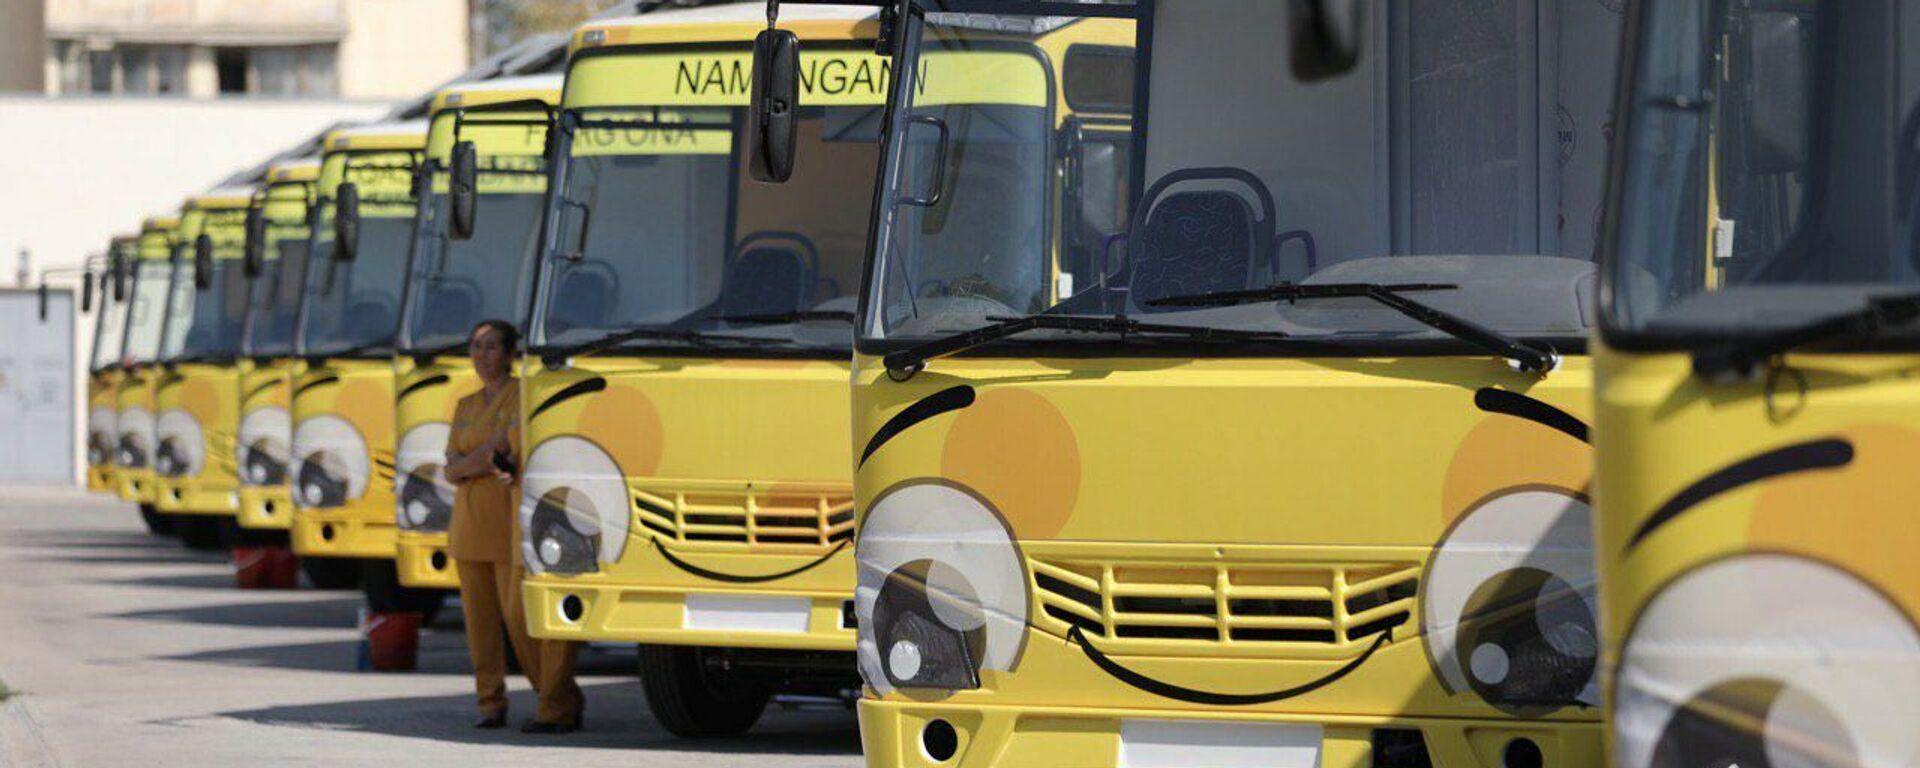 Министерство дошкольного образования презентовало детские сады на колесах - Sputnik Узбекистан, 1920, 06.08.2021